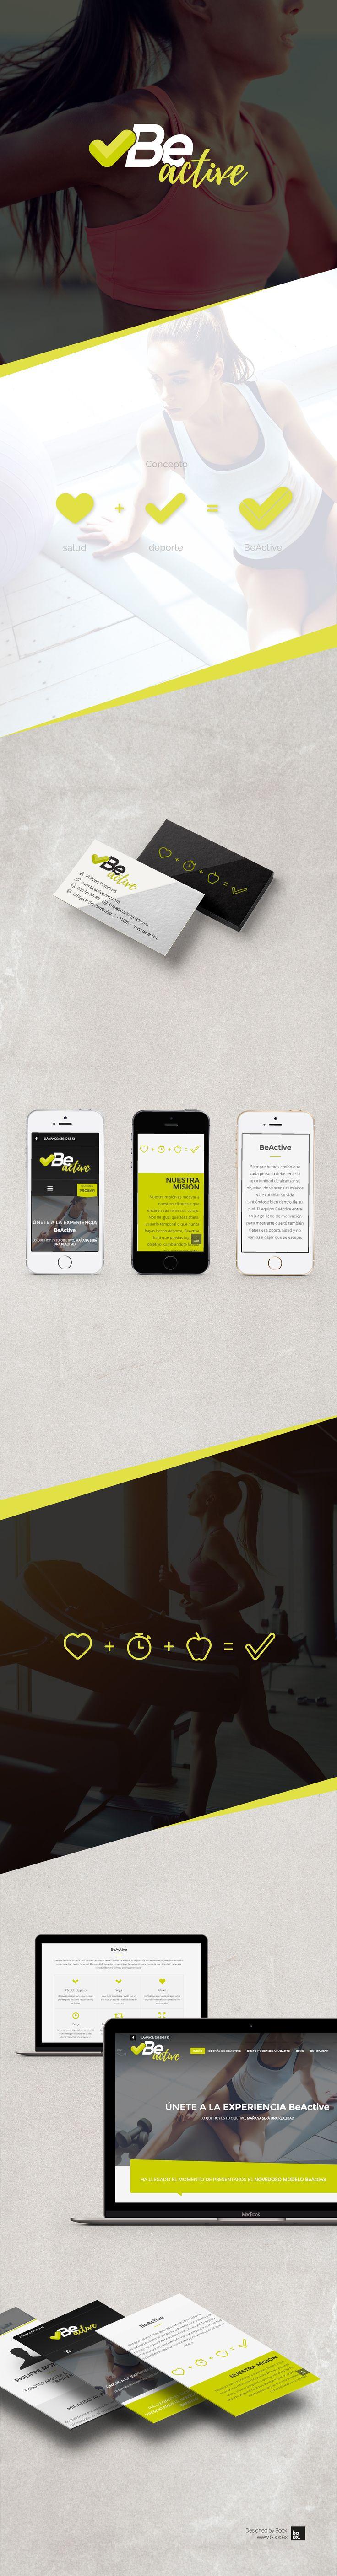 Diseño de branding y web